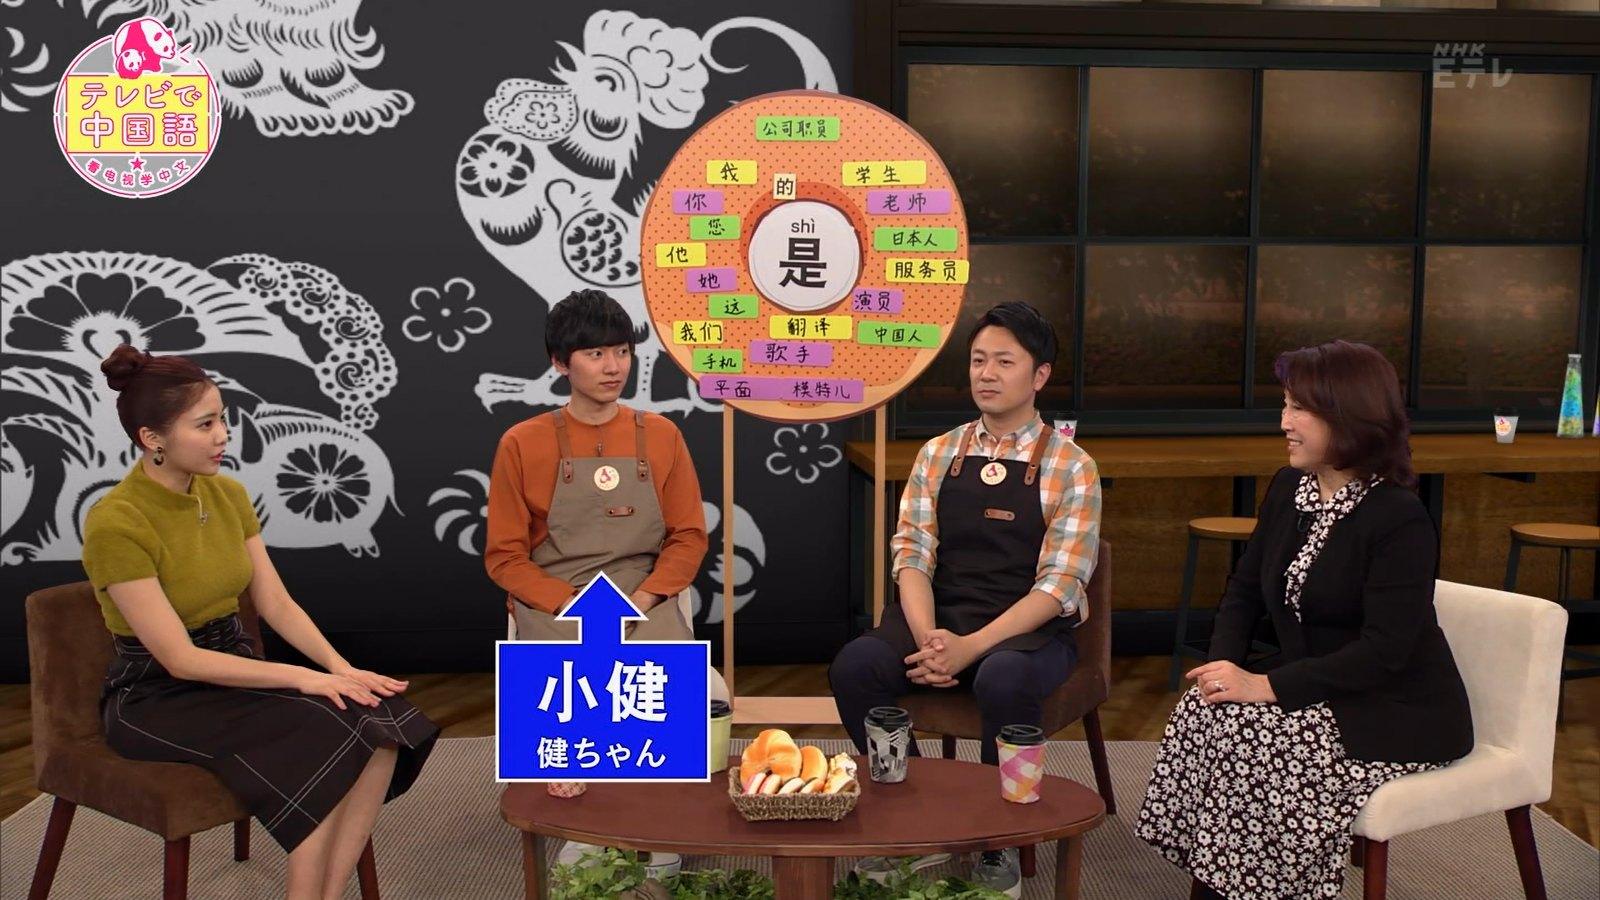 佐野ひなこ_着衣巨乳_テレビで中国語_12